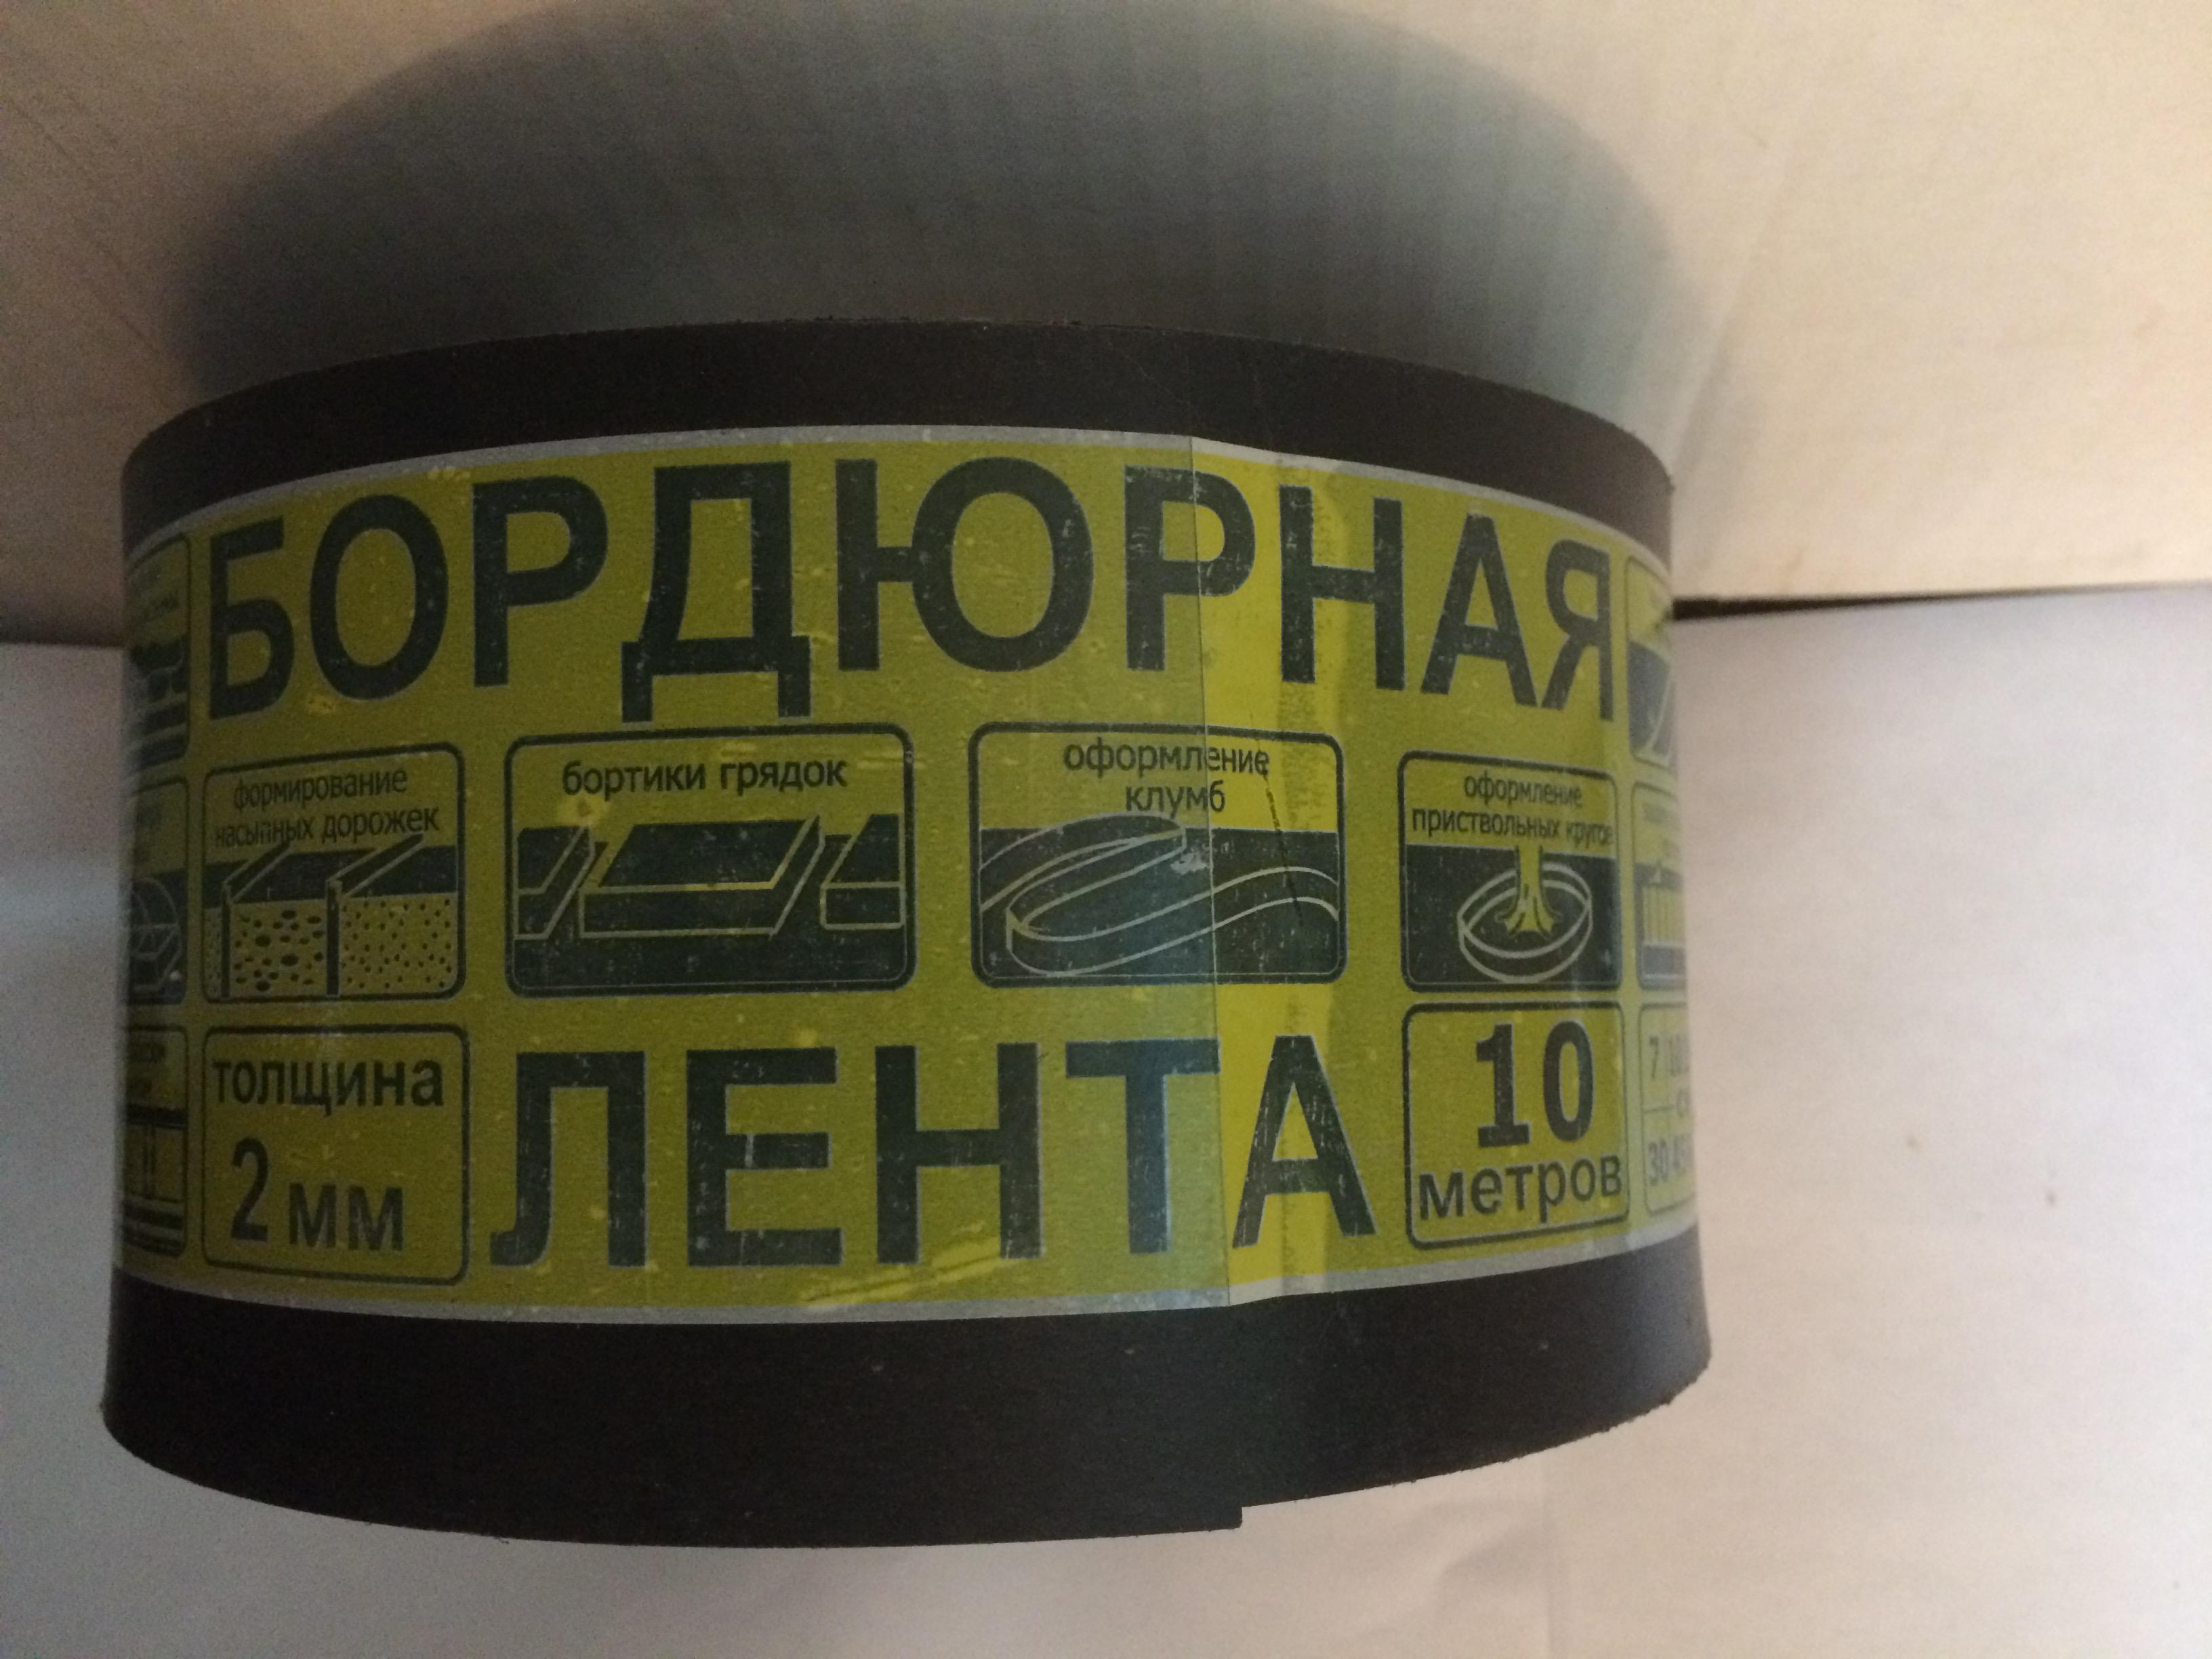 lenta-bordyurnaya-10-m